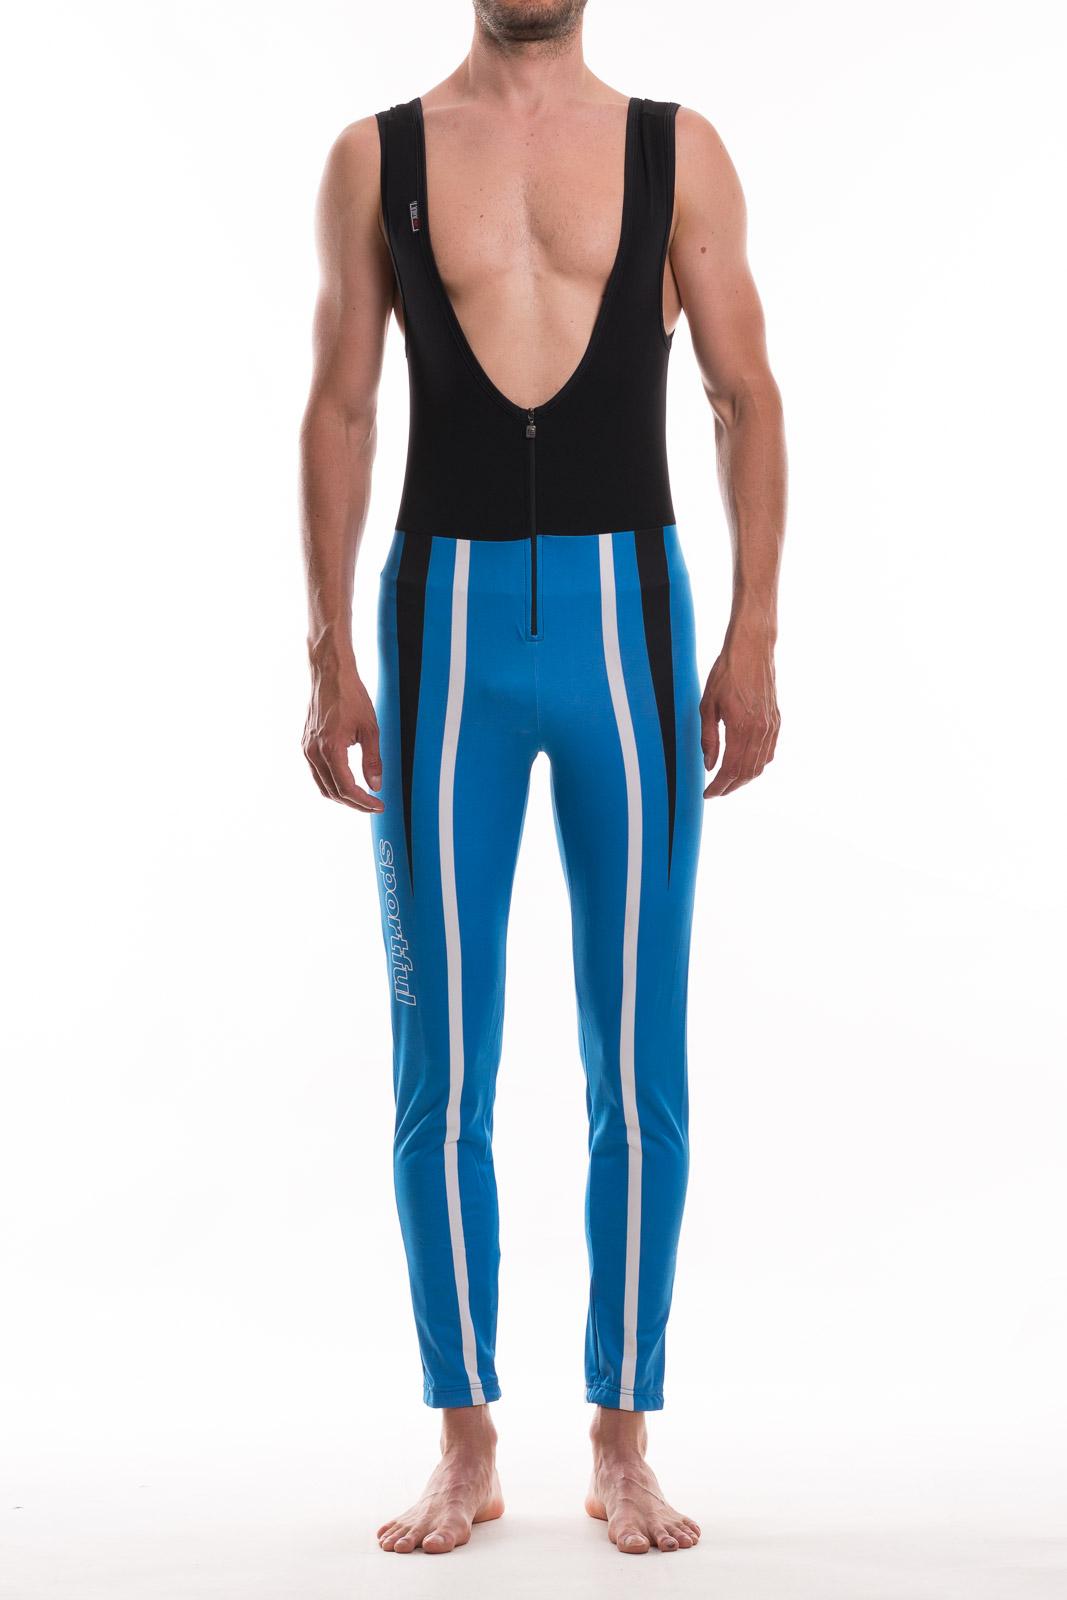 96864833243b Sportful Davos Nohavice na traky modrá-čierna. Pre absolútny zážitok prosím  použite prehliadač s javascriptom